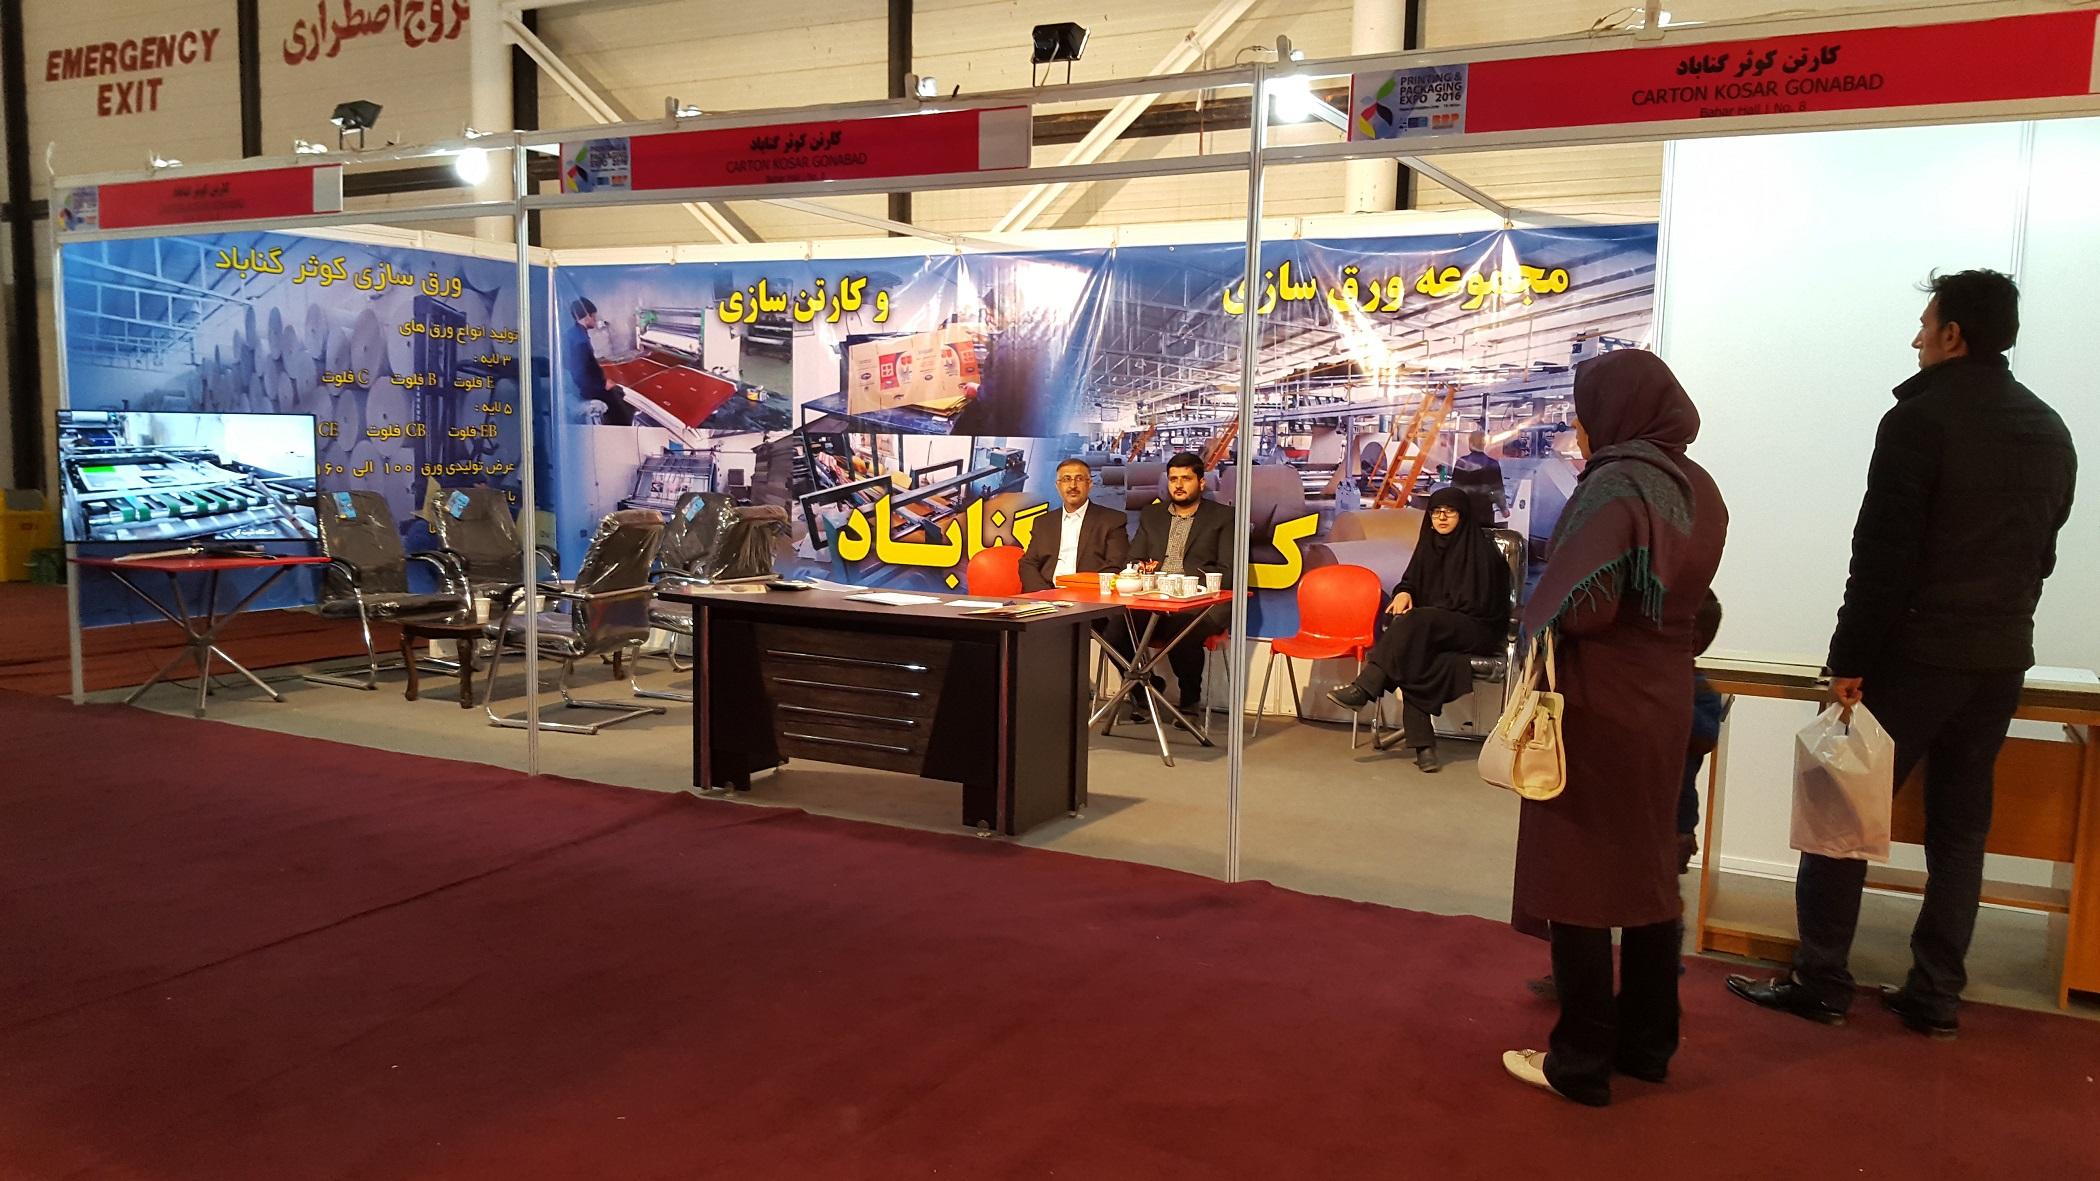 غرفه کارتن کوثر در نمایشگاه مشهد